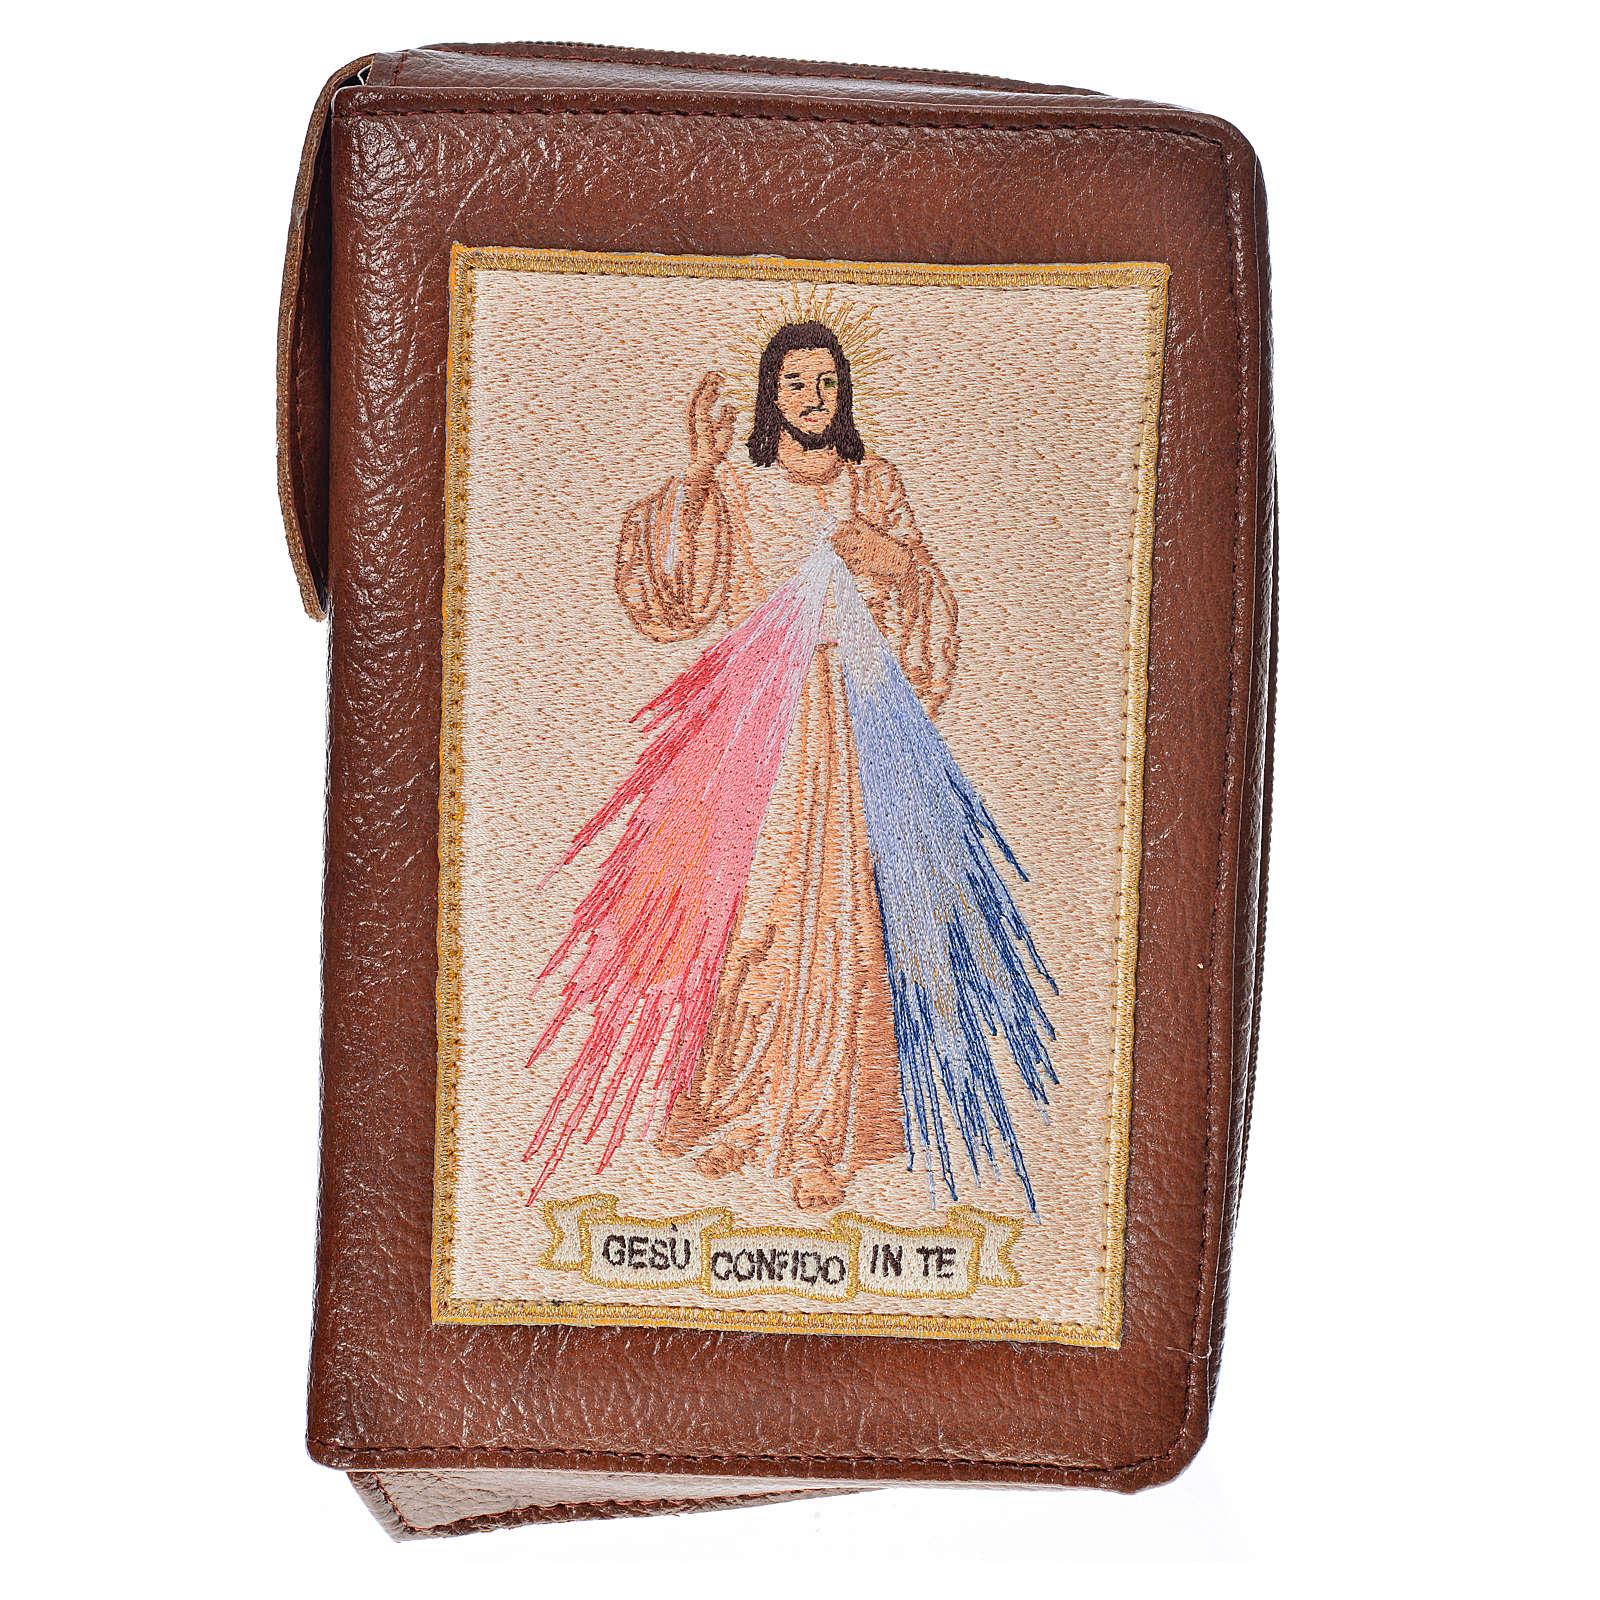 Funda Biblia Jerusalén Nueva Edición color cuero s. cuero Divina 4